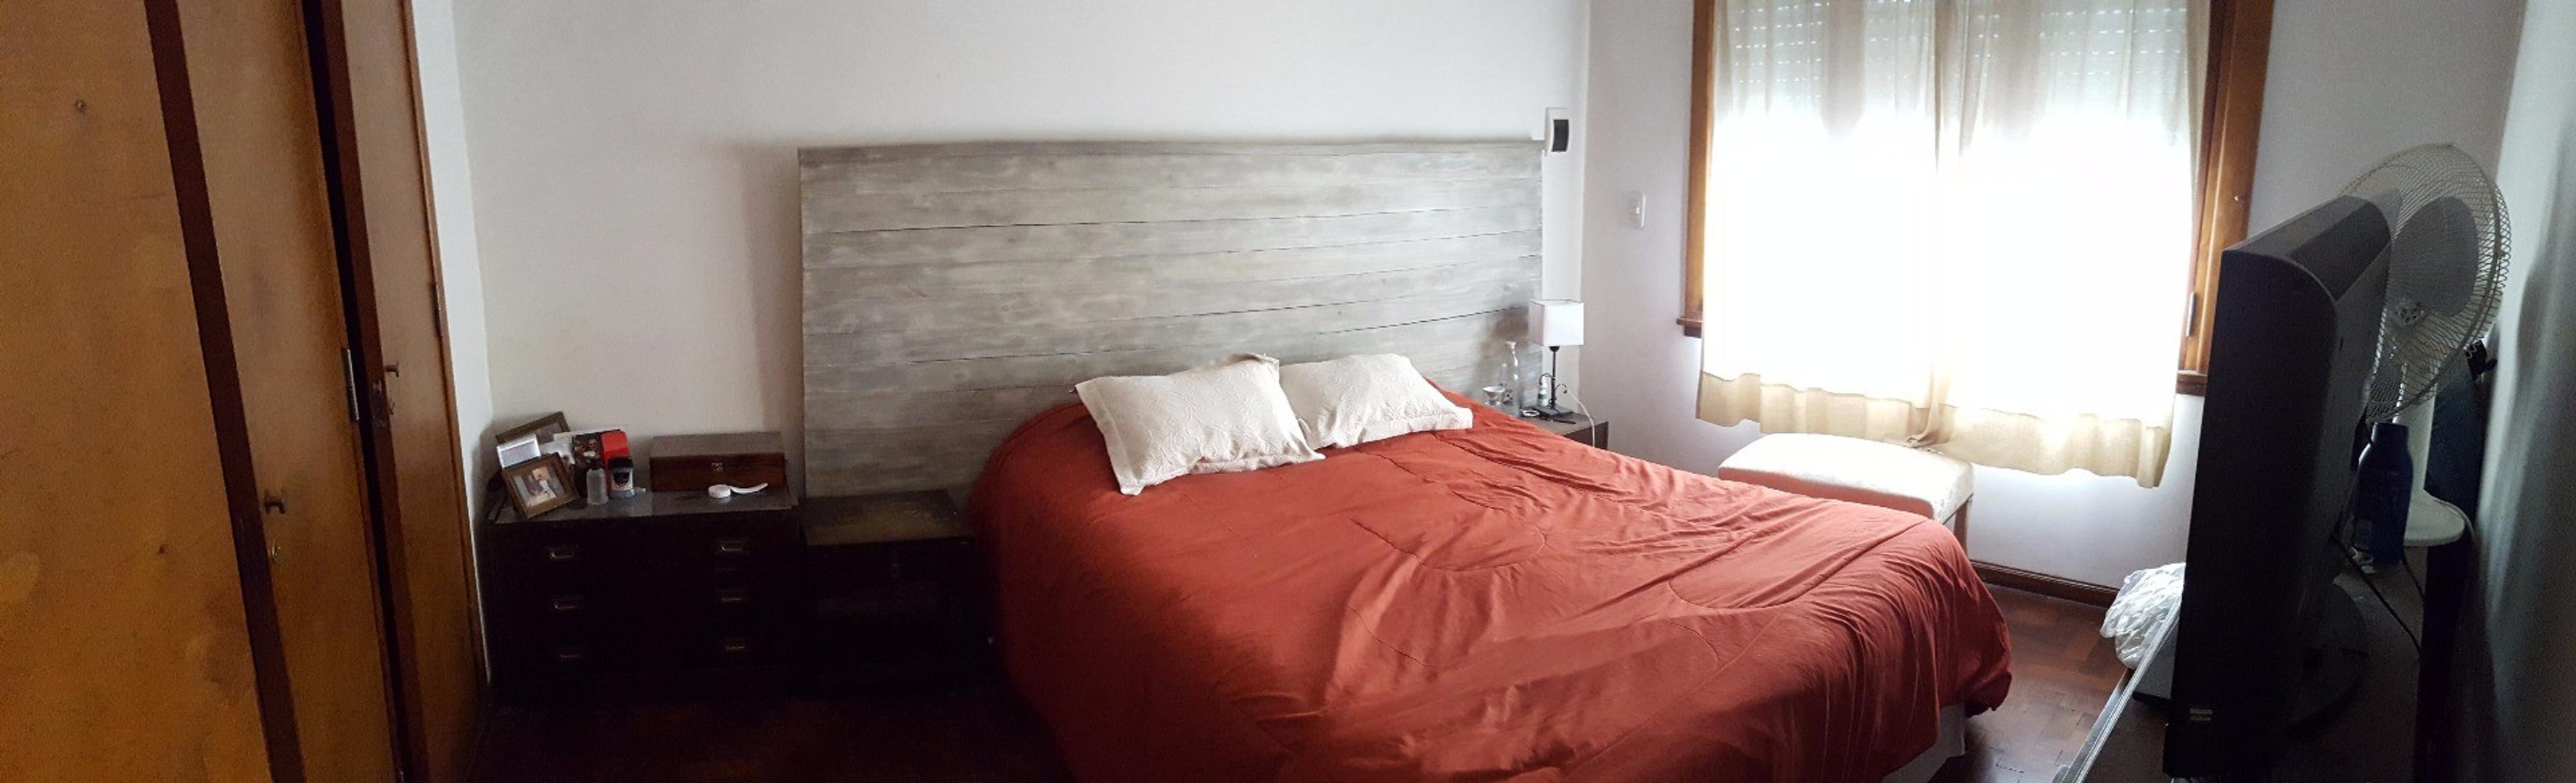 Casa en Olivos con 2 habitaciones